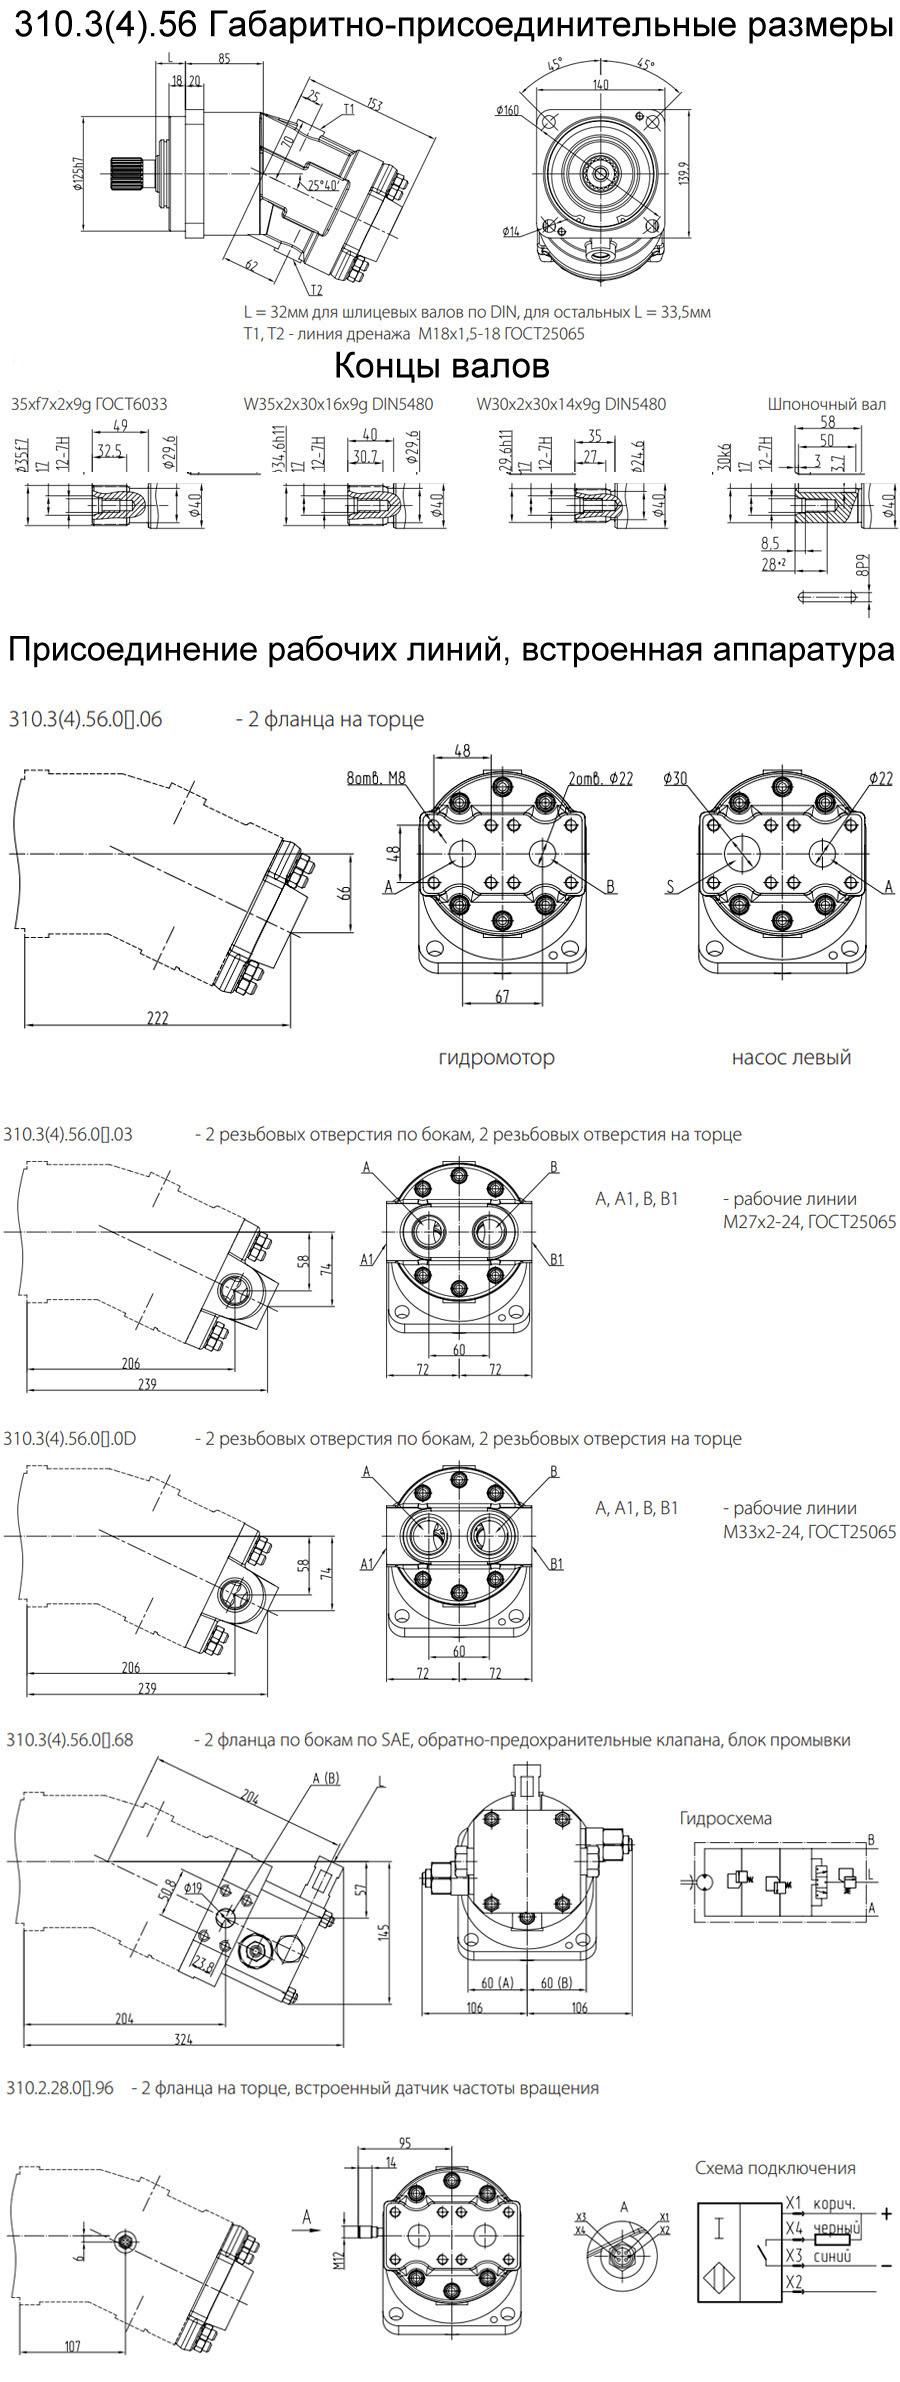 Габаритно-присоединительные размеры гидромоторов 310.4.56